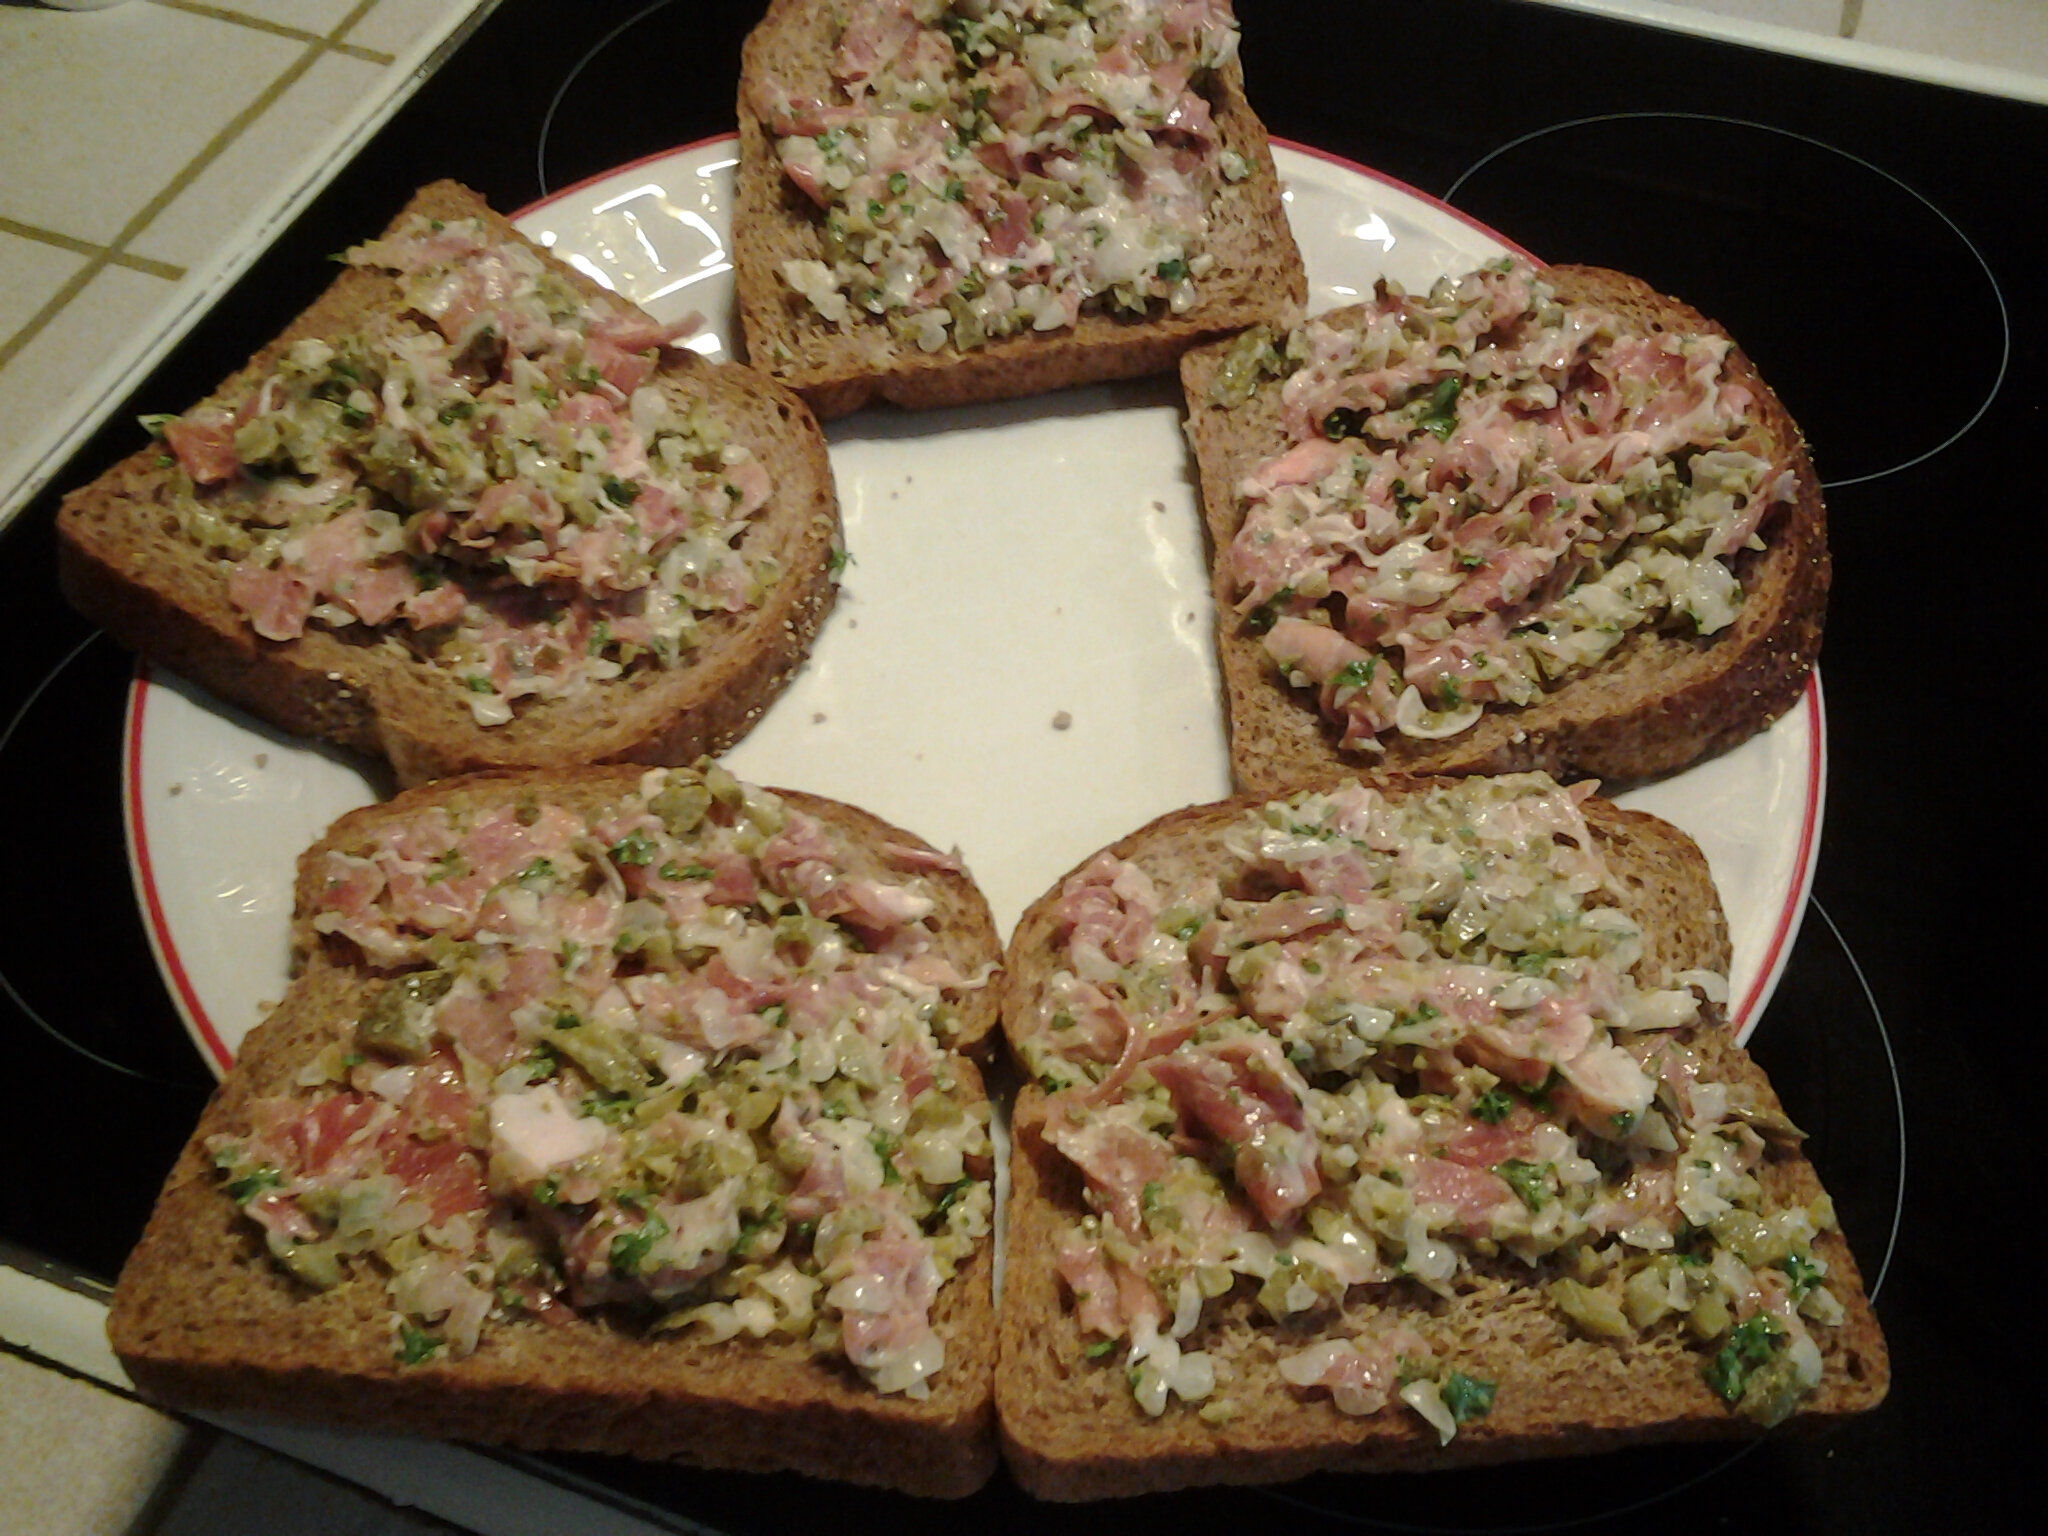 Tratines à la salade de viande prosciutto vite fait